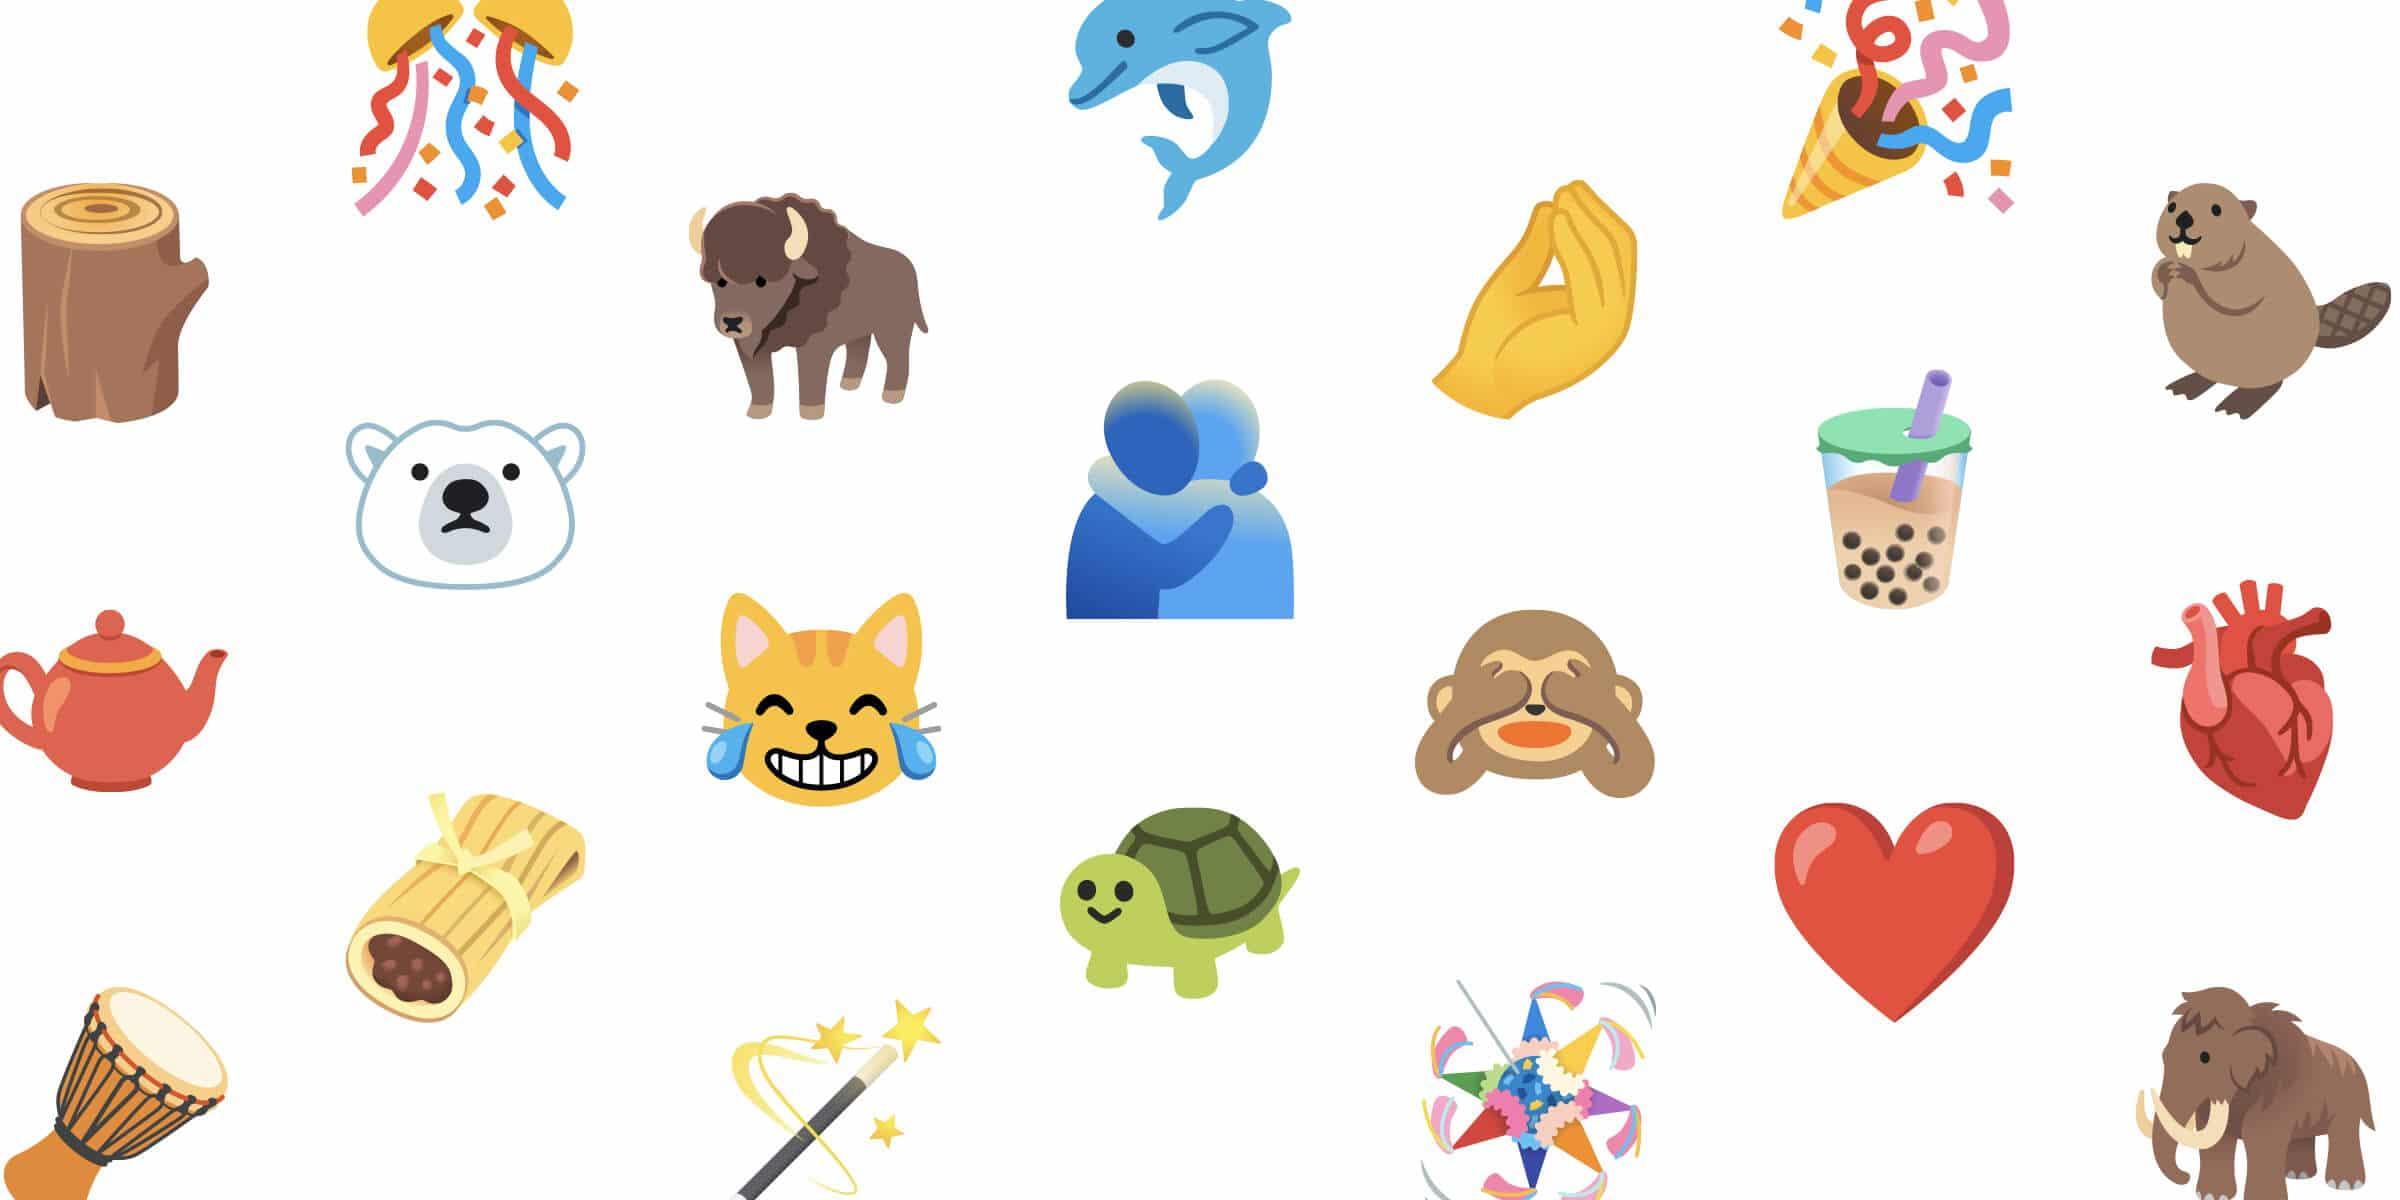 Android 11 Emojis: Dark Mode soll kein Schattendasein mehr fristen techboys.de • smarte News, auf den Punkt!